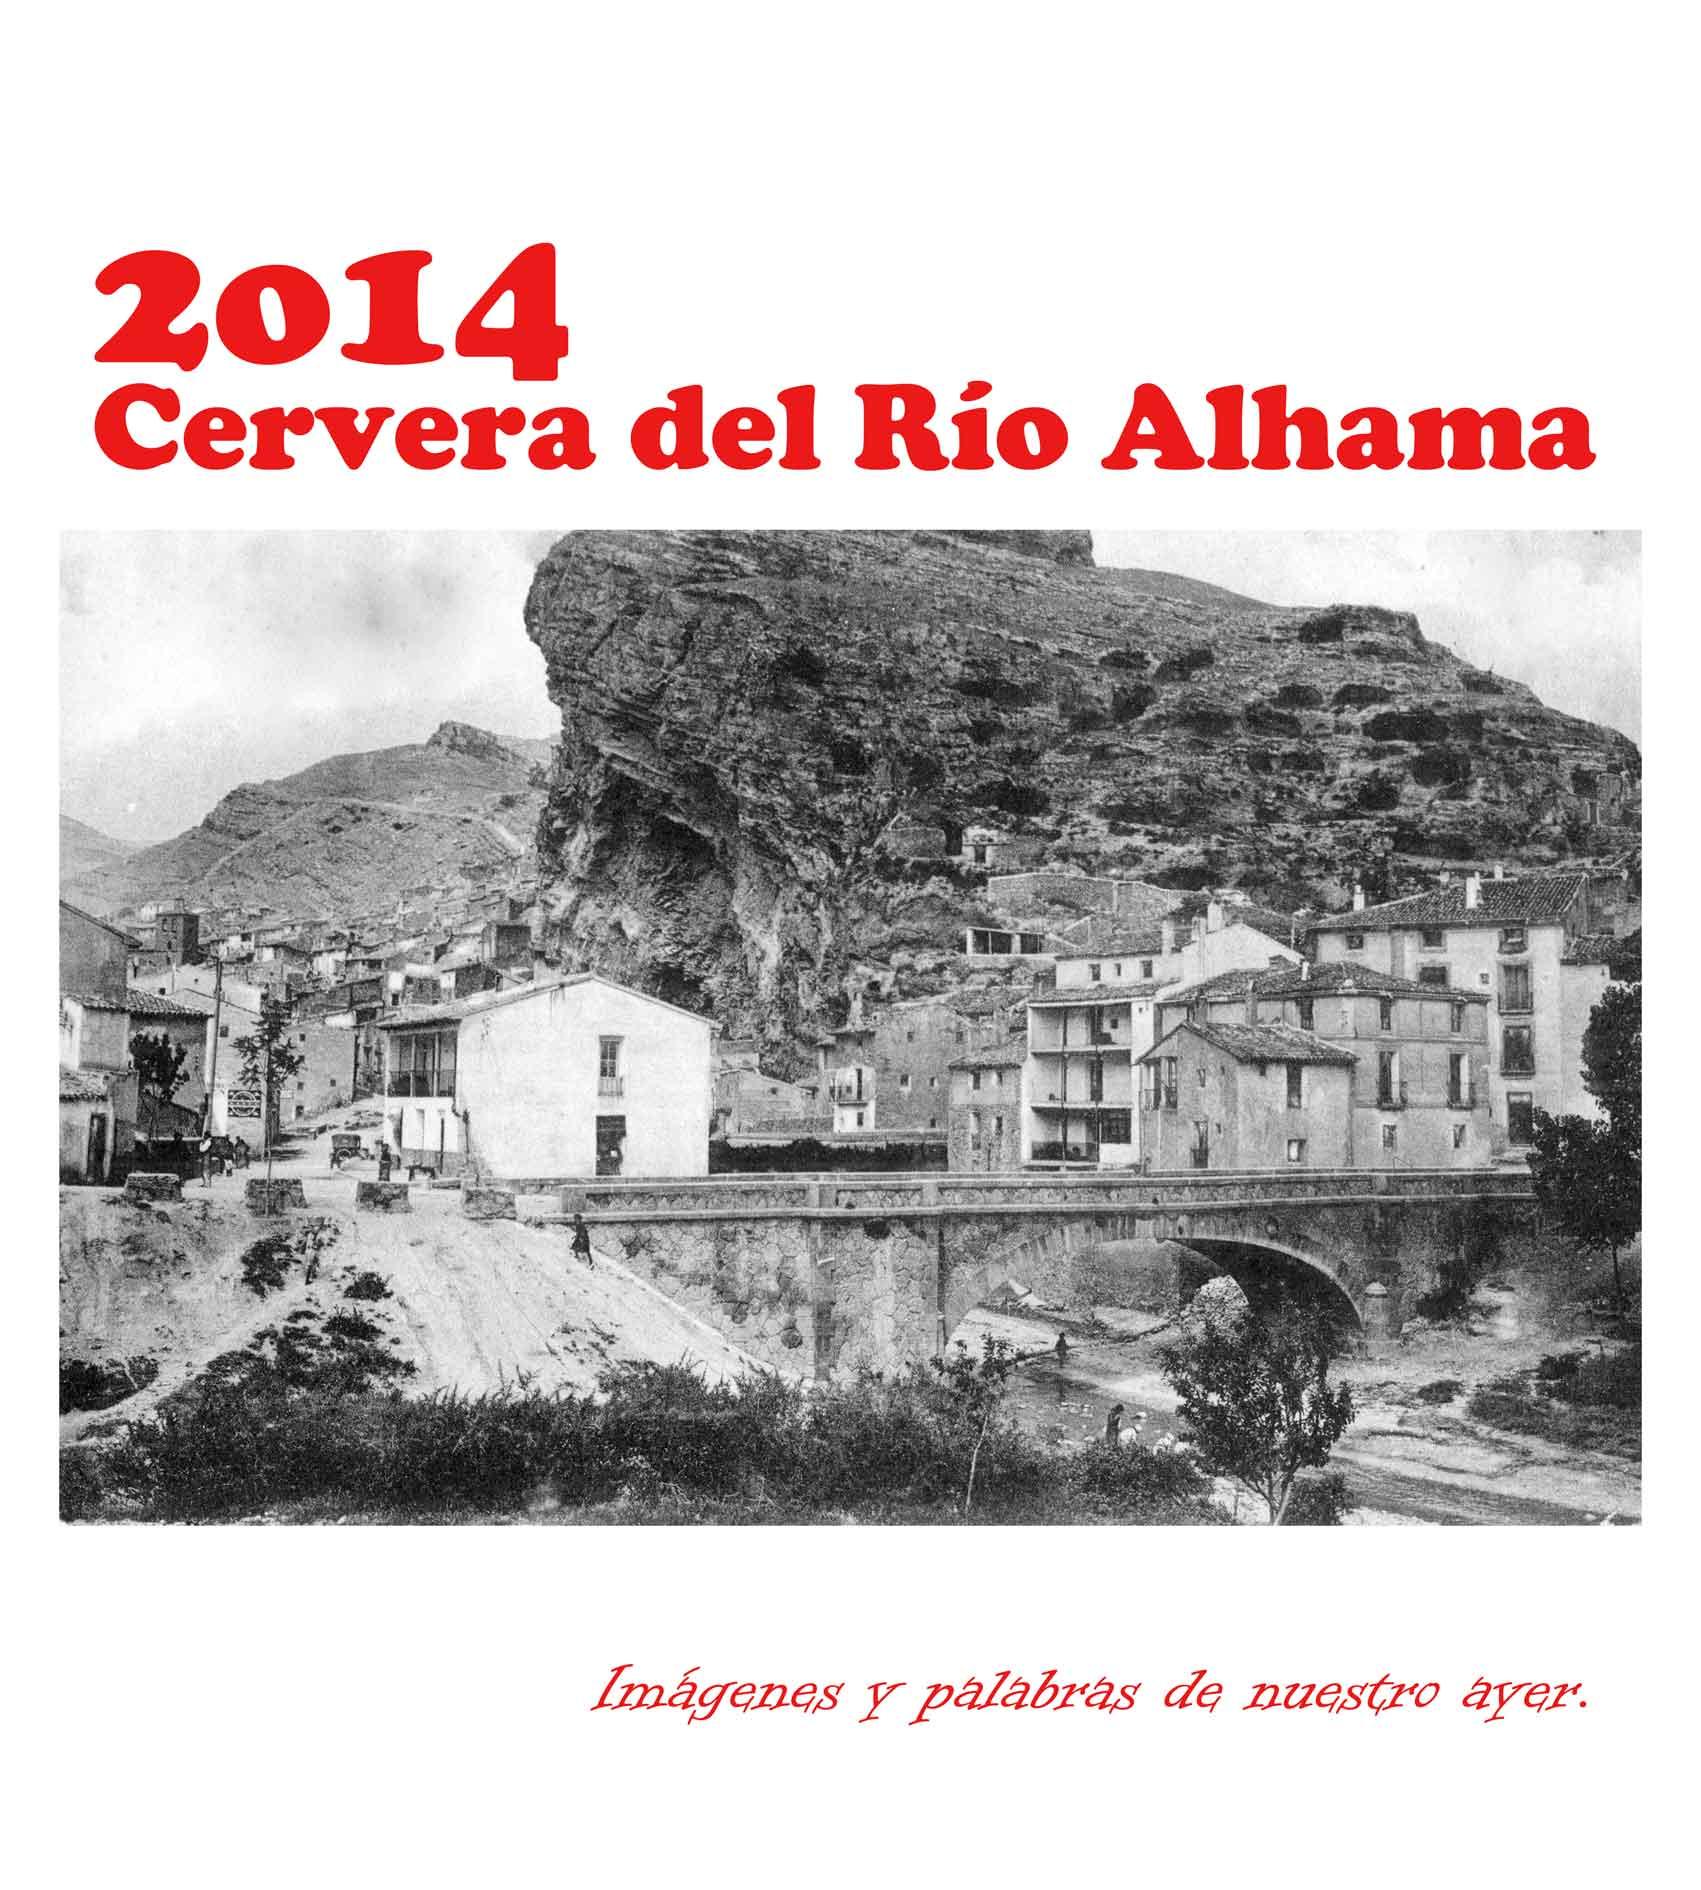 El calendario cerverano del 2014 incluye 18 fotografías antiguas y 600 vocablos